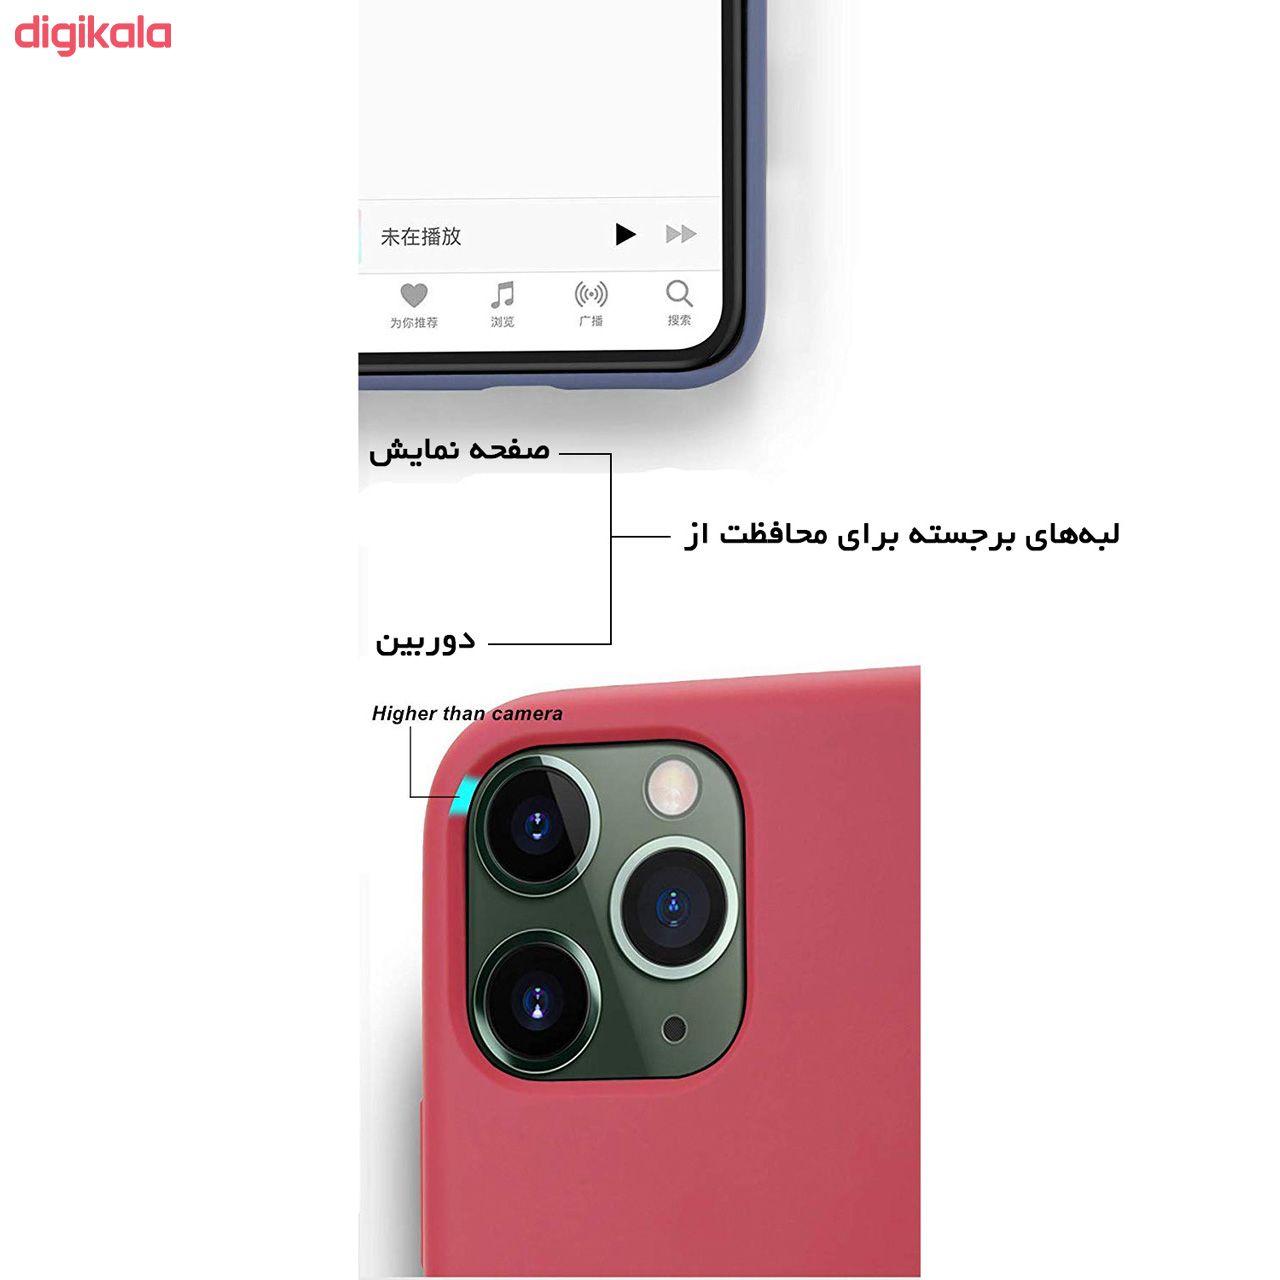 کاور وی کیس مدل Si01 مناسب برای گوشی موبایل اپل iPhone X/XS main 1 6